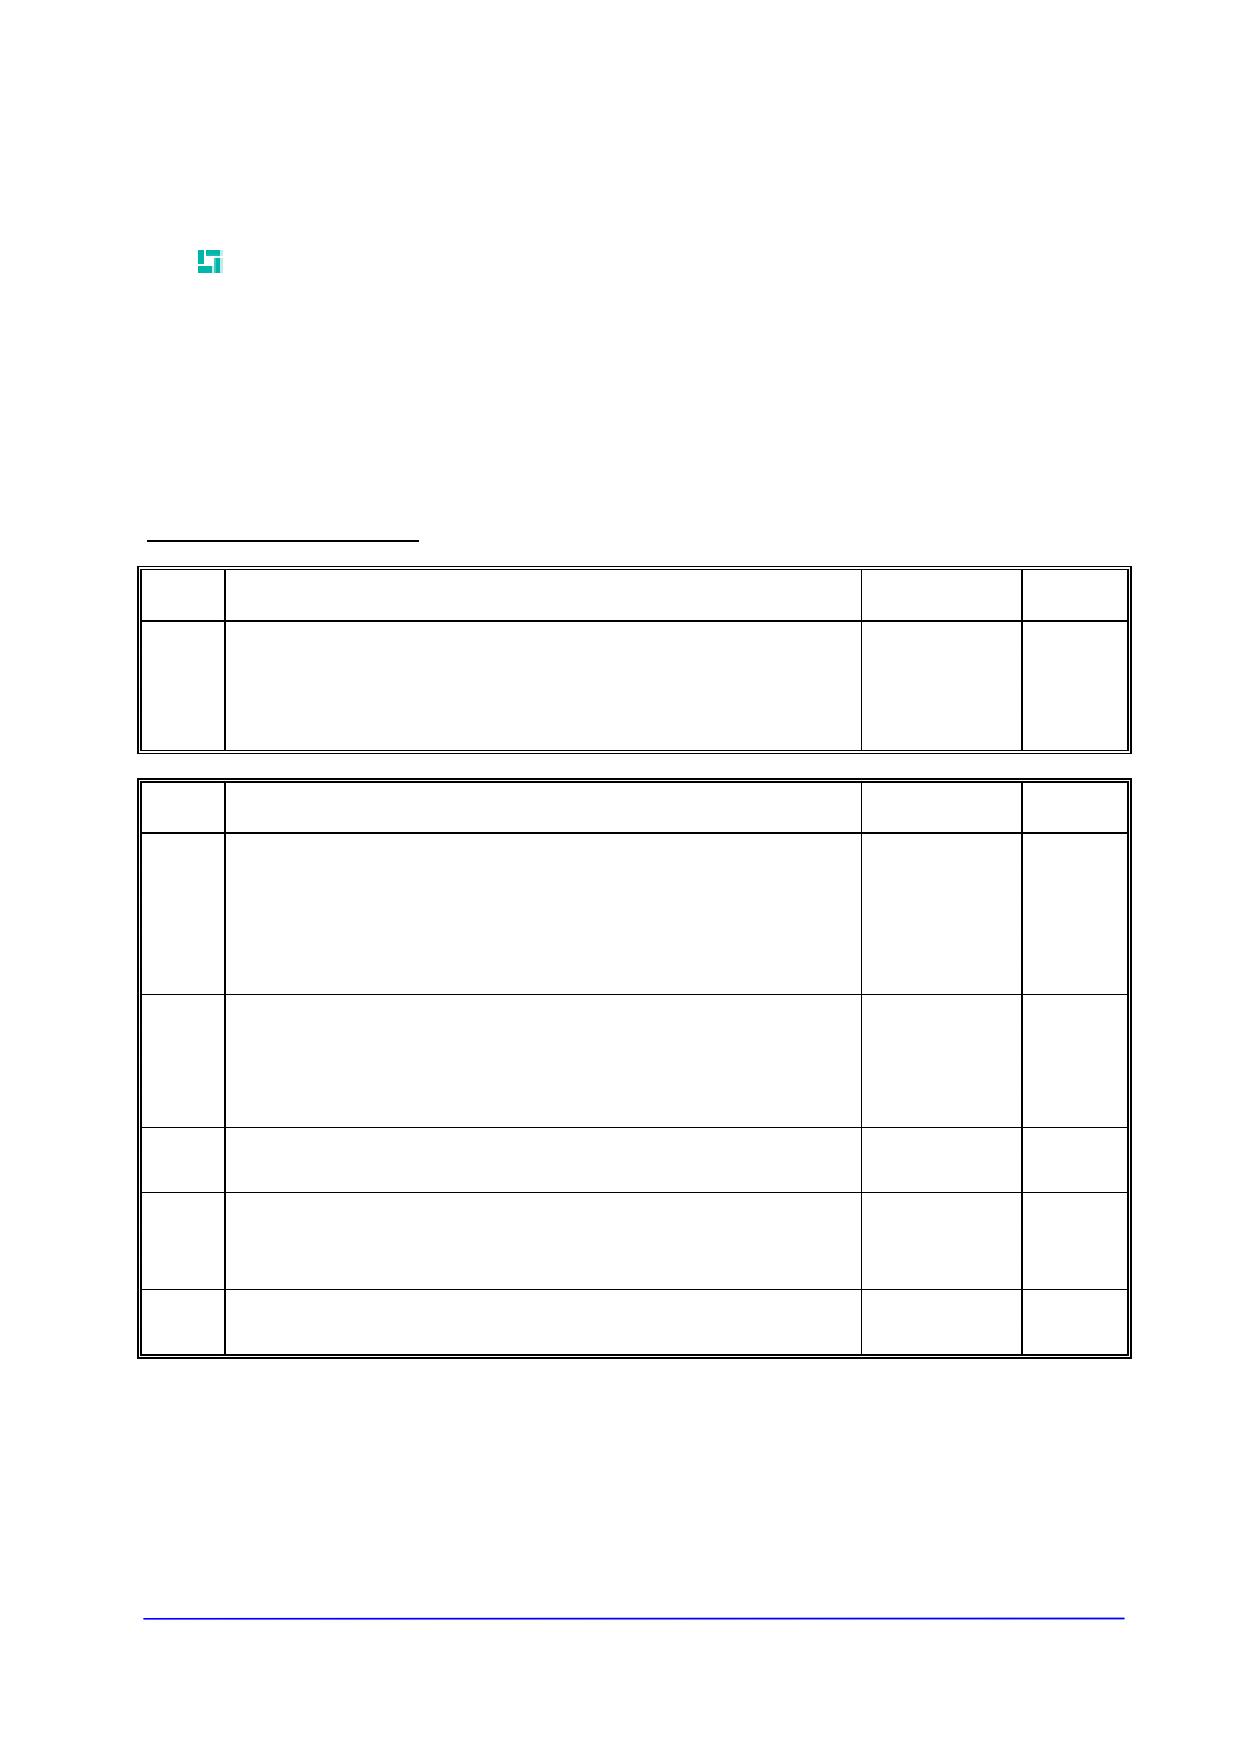 R0487YS10F datasheet